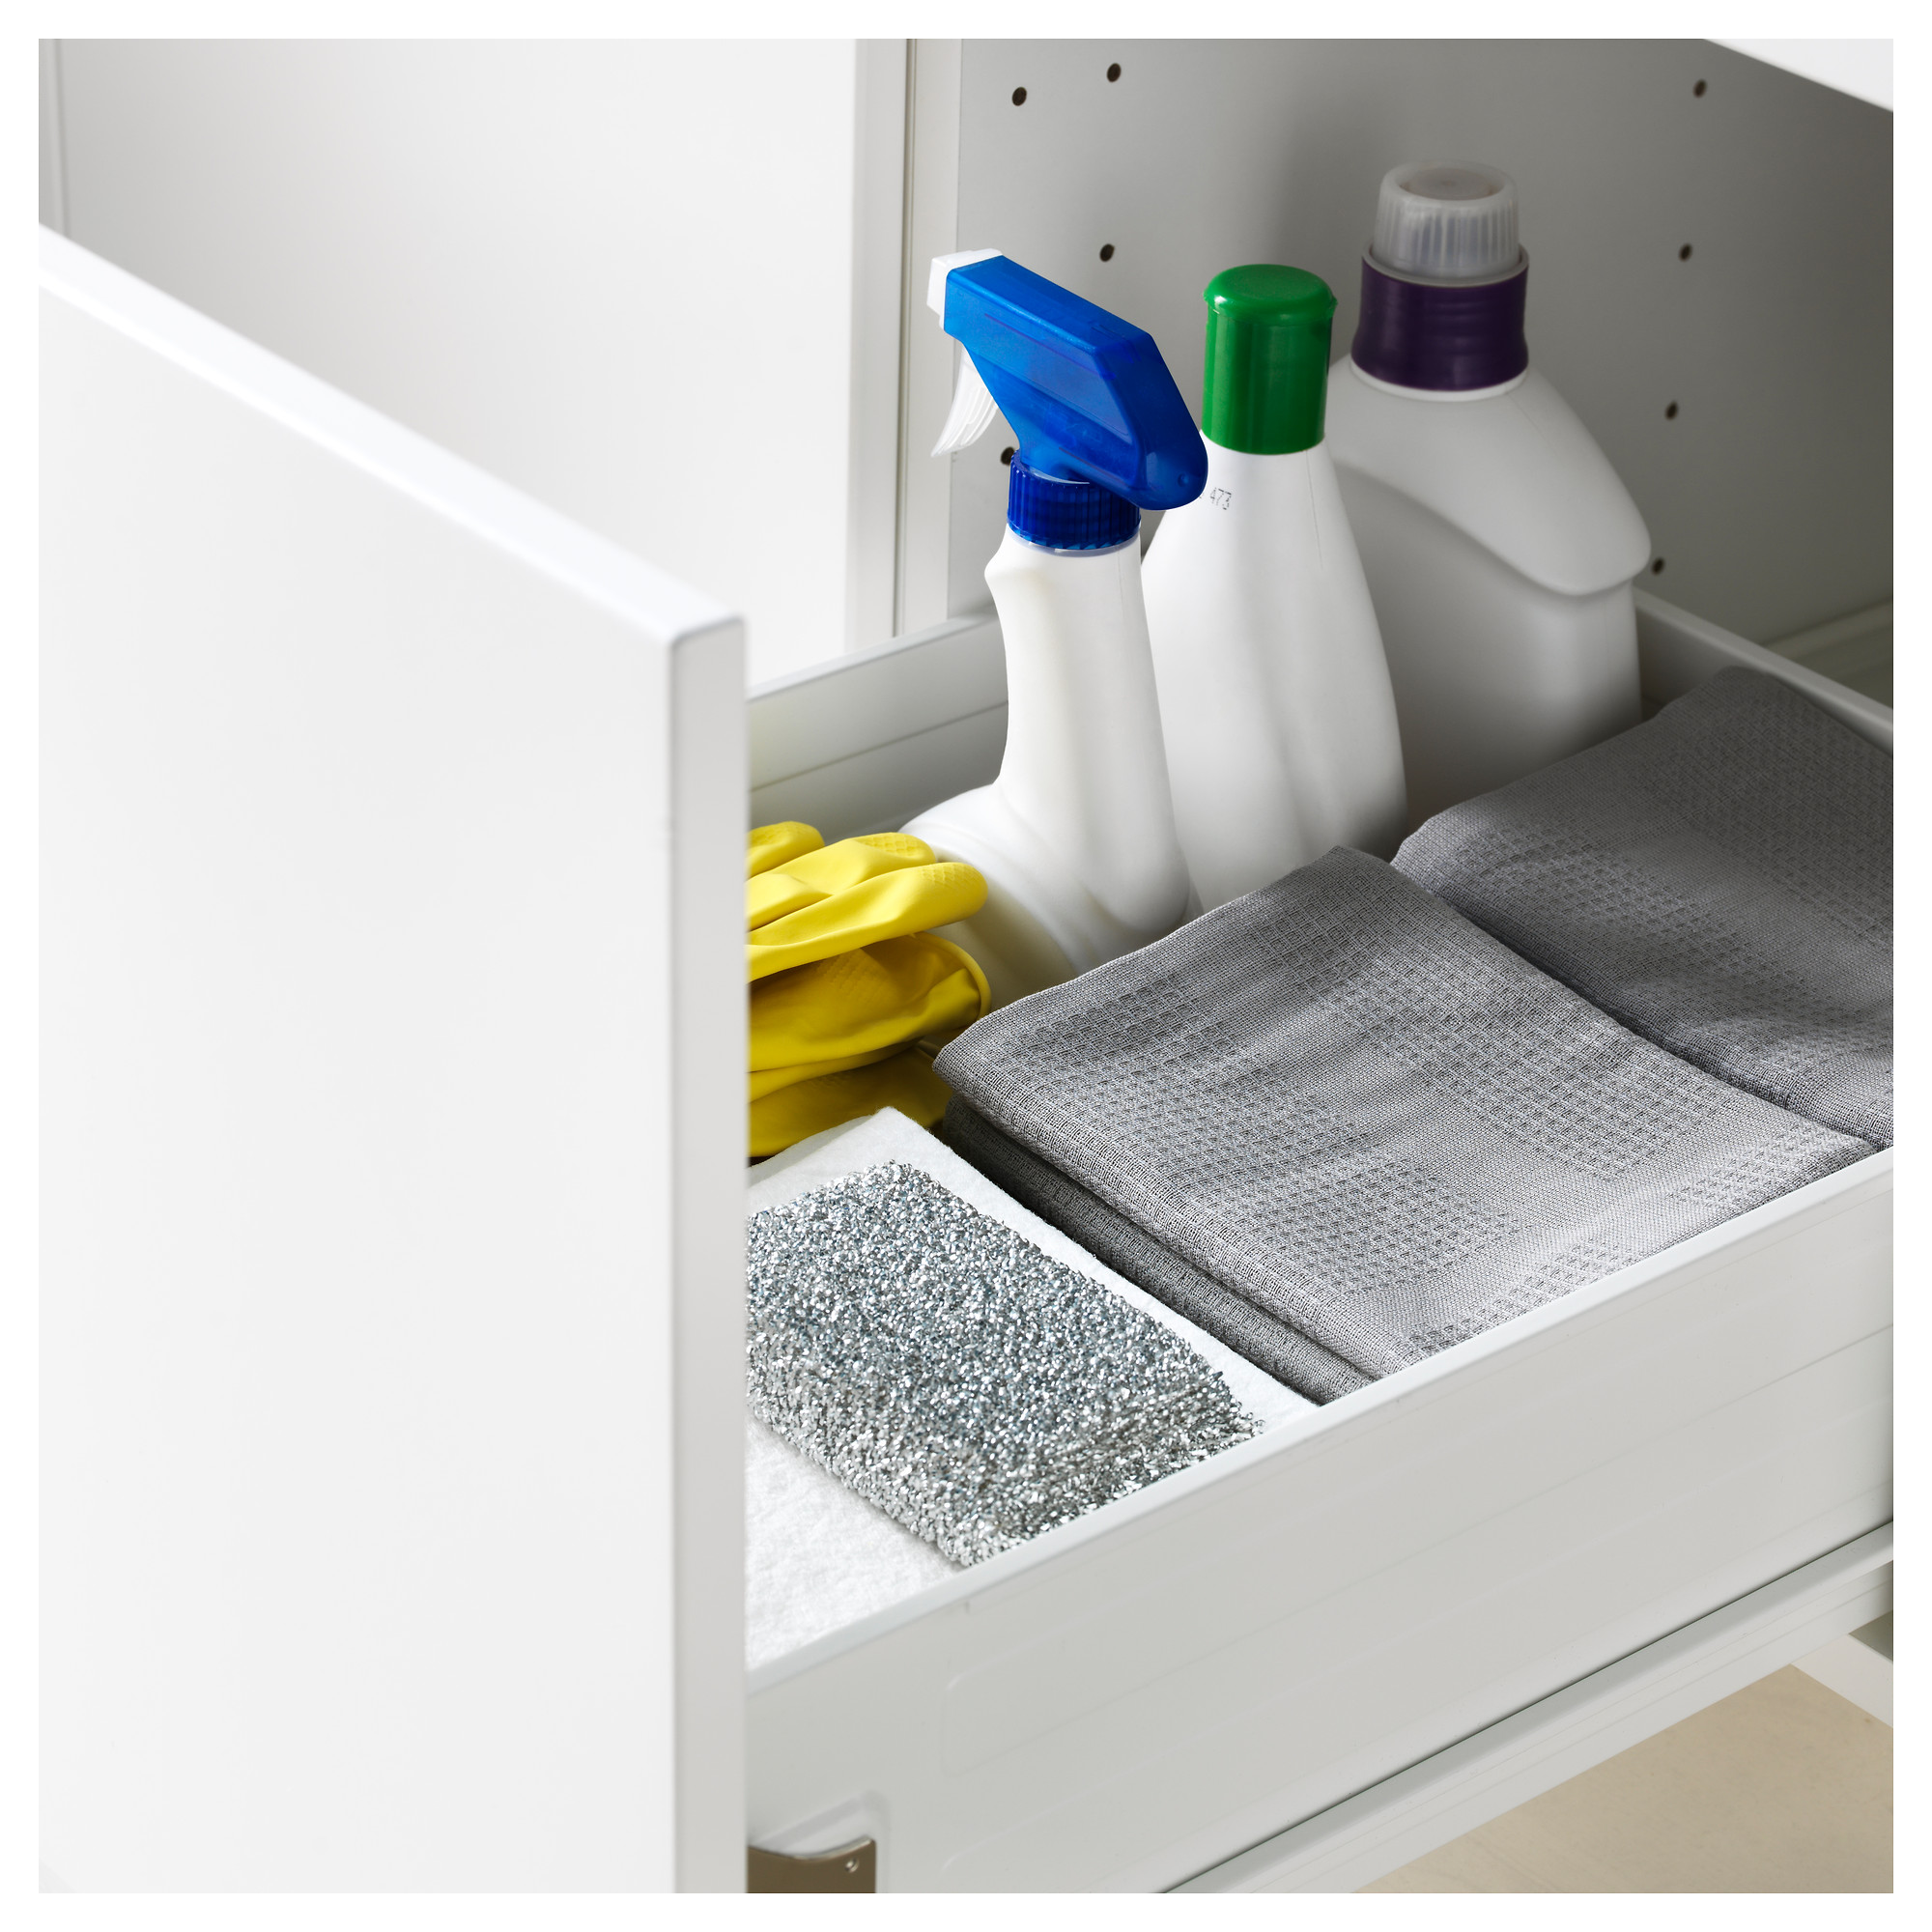 Высокий шкаф с полками/6 ящик, дверцами, 4 фронтальные панели МЕТОД / ФОРВАРА белый артикуль № 592.618.06 в наличии. Онлайн каталог IKEA Минск. Быстрая доставка и монтаж.